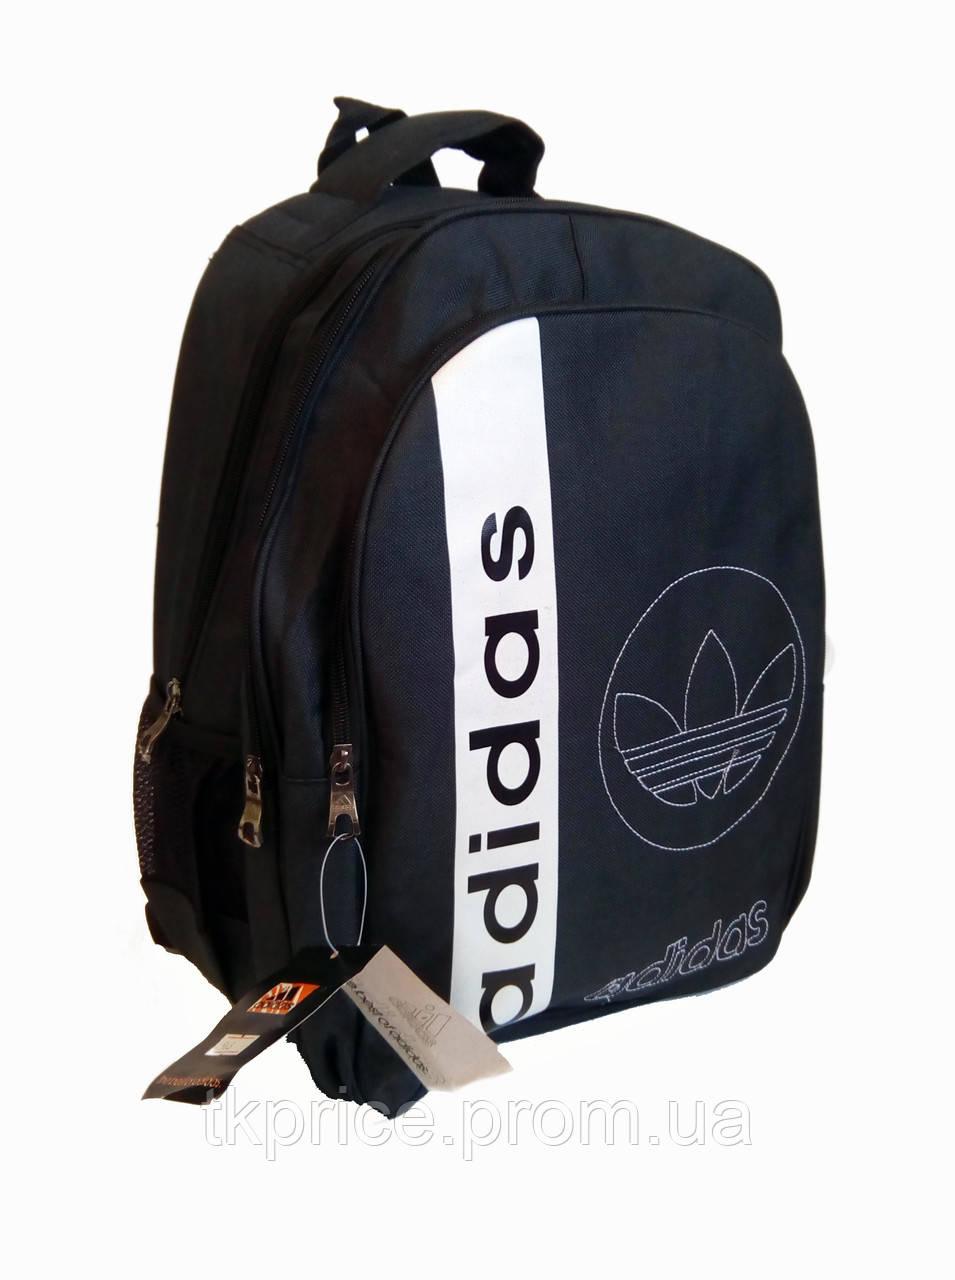 095d9ef925a6 Универсальный рюкзак для школы и прогулок качественная реплика Adidas черный